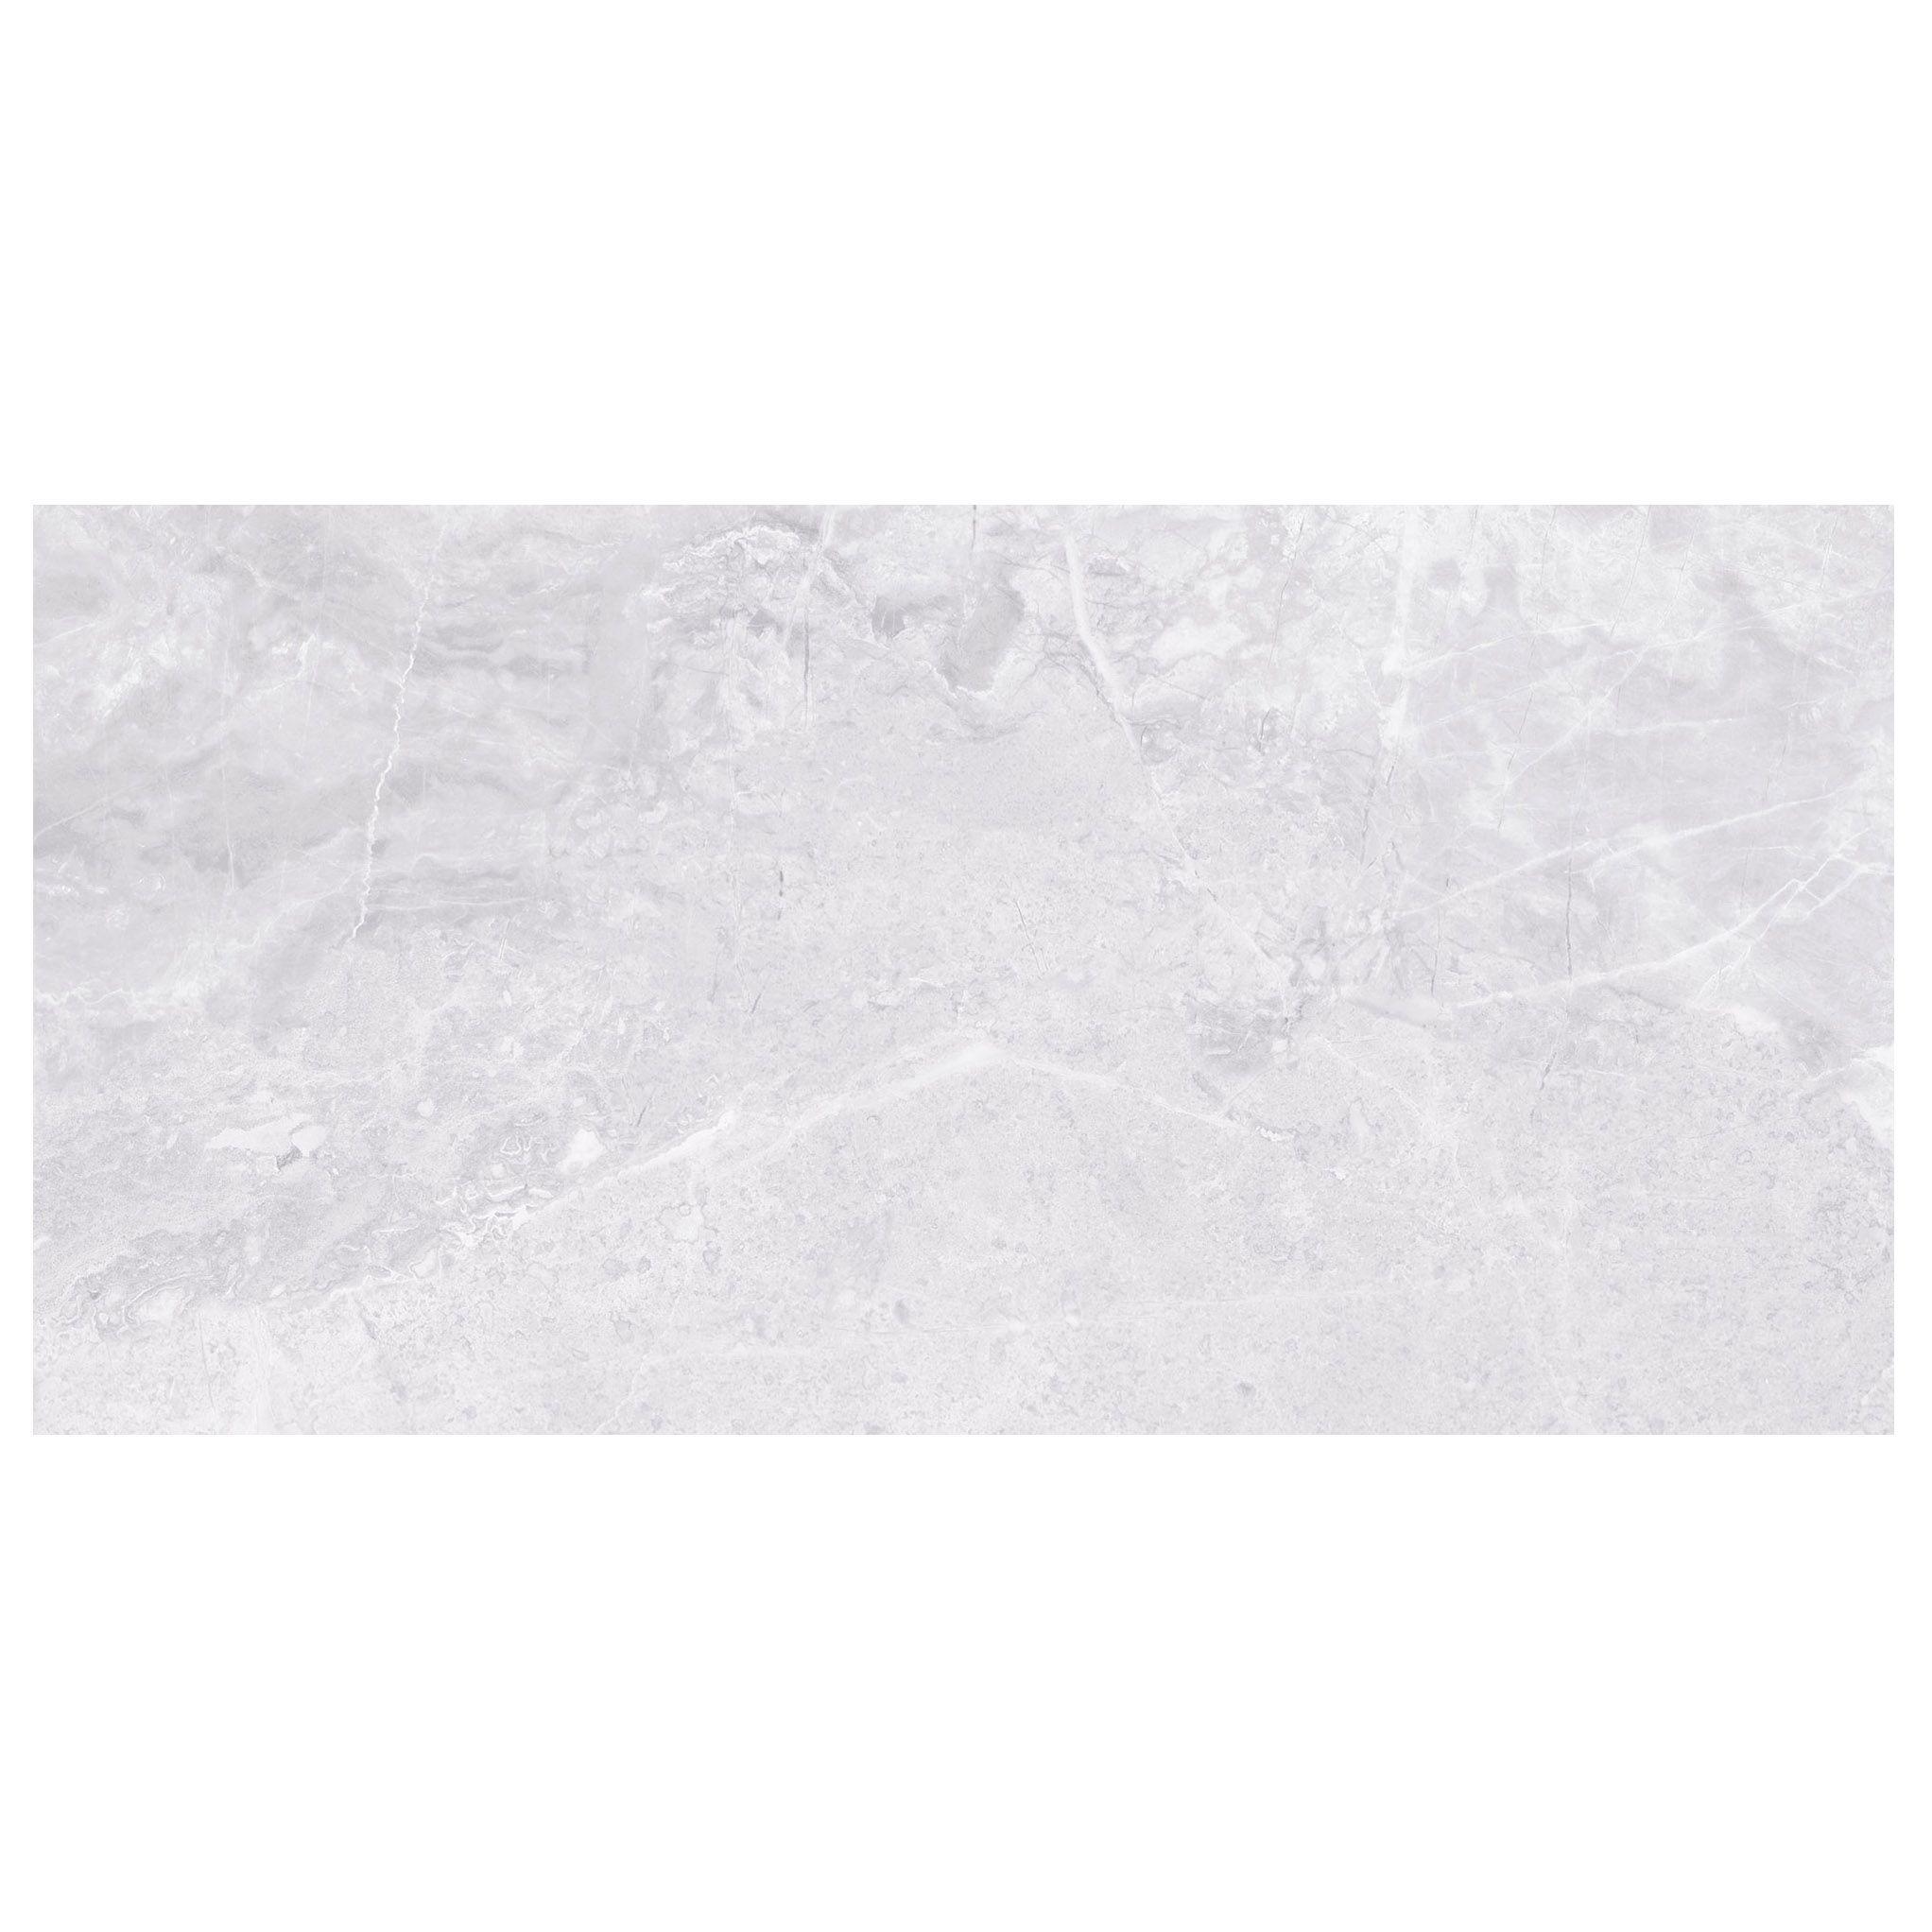 Bq Kitchen Floor Tiles Silverthorne Mist Marble Stone Effect Ceramic Wall Tile Pack Of 8